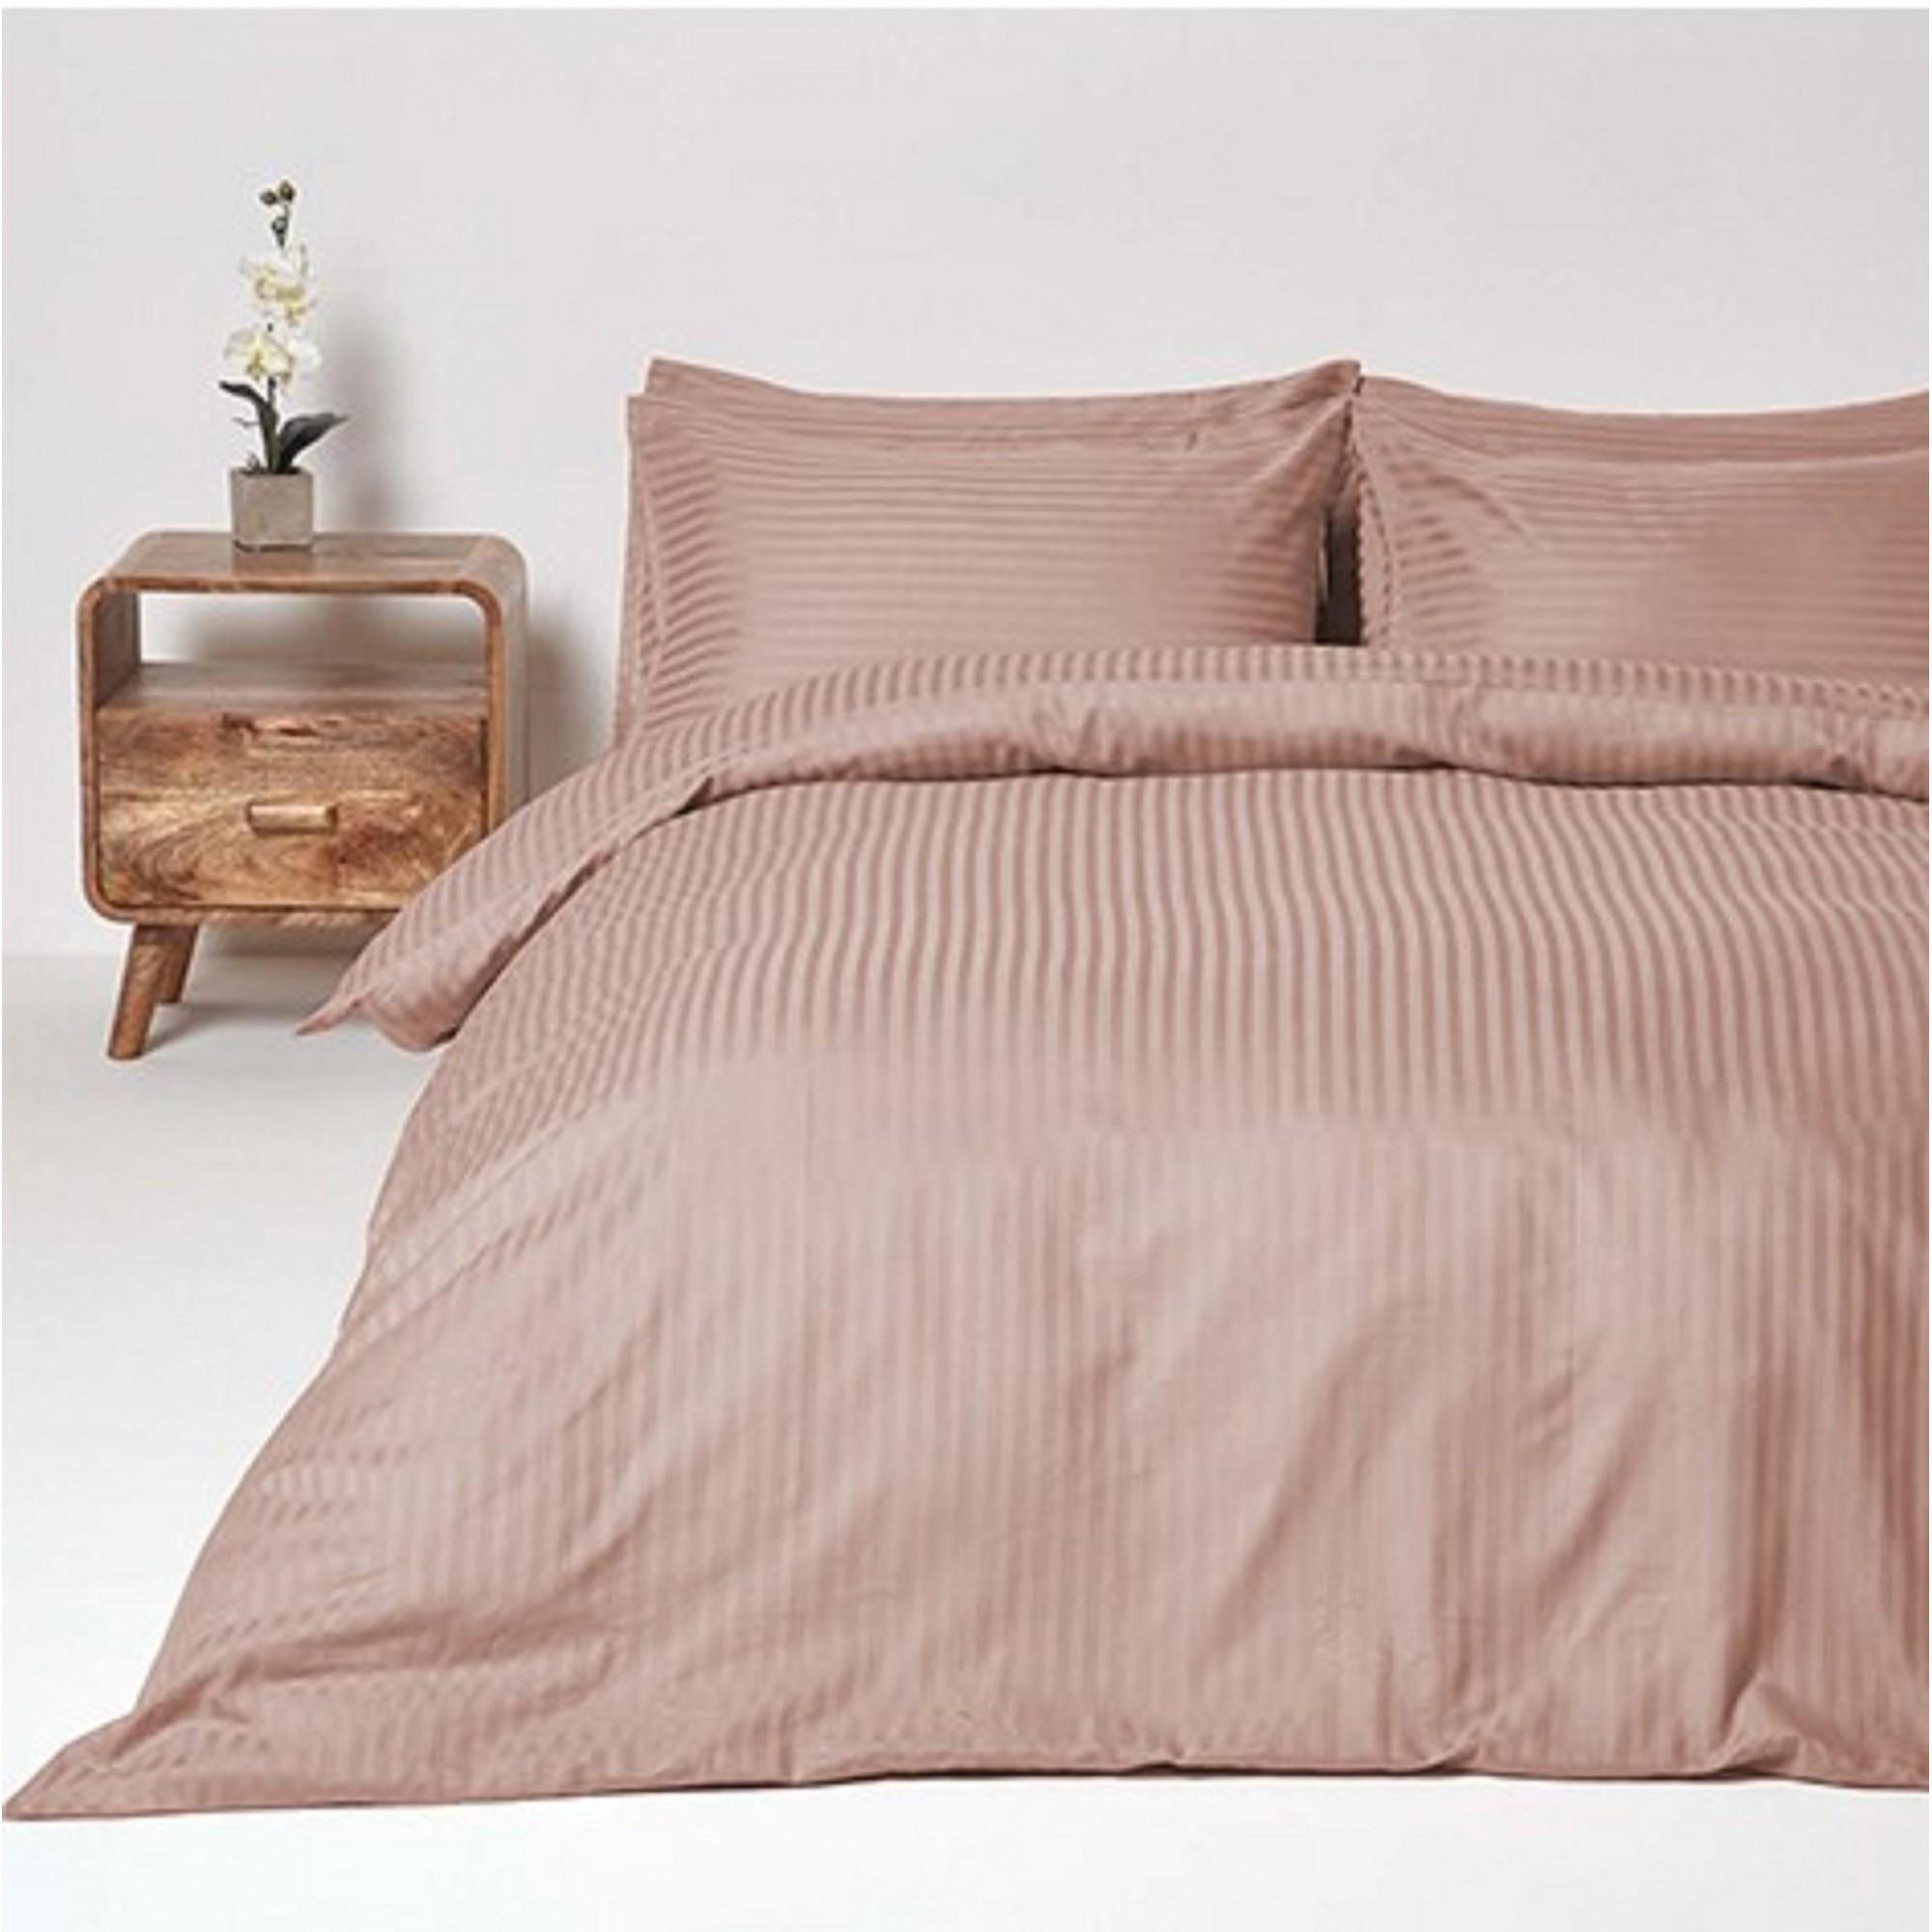 Спален комплект Lior от памучен сатен